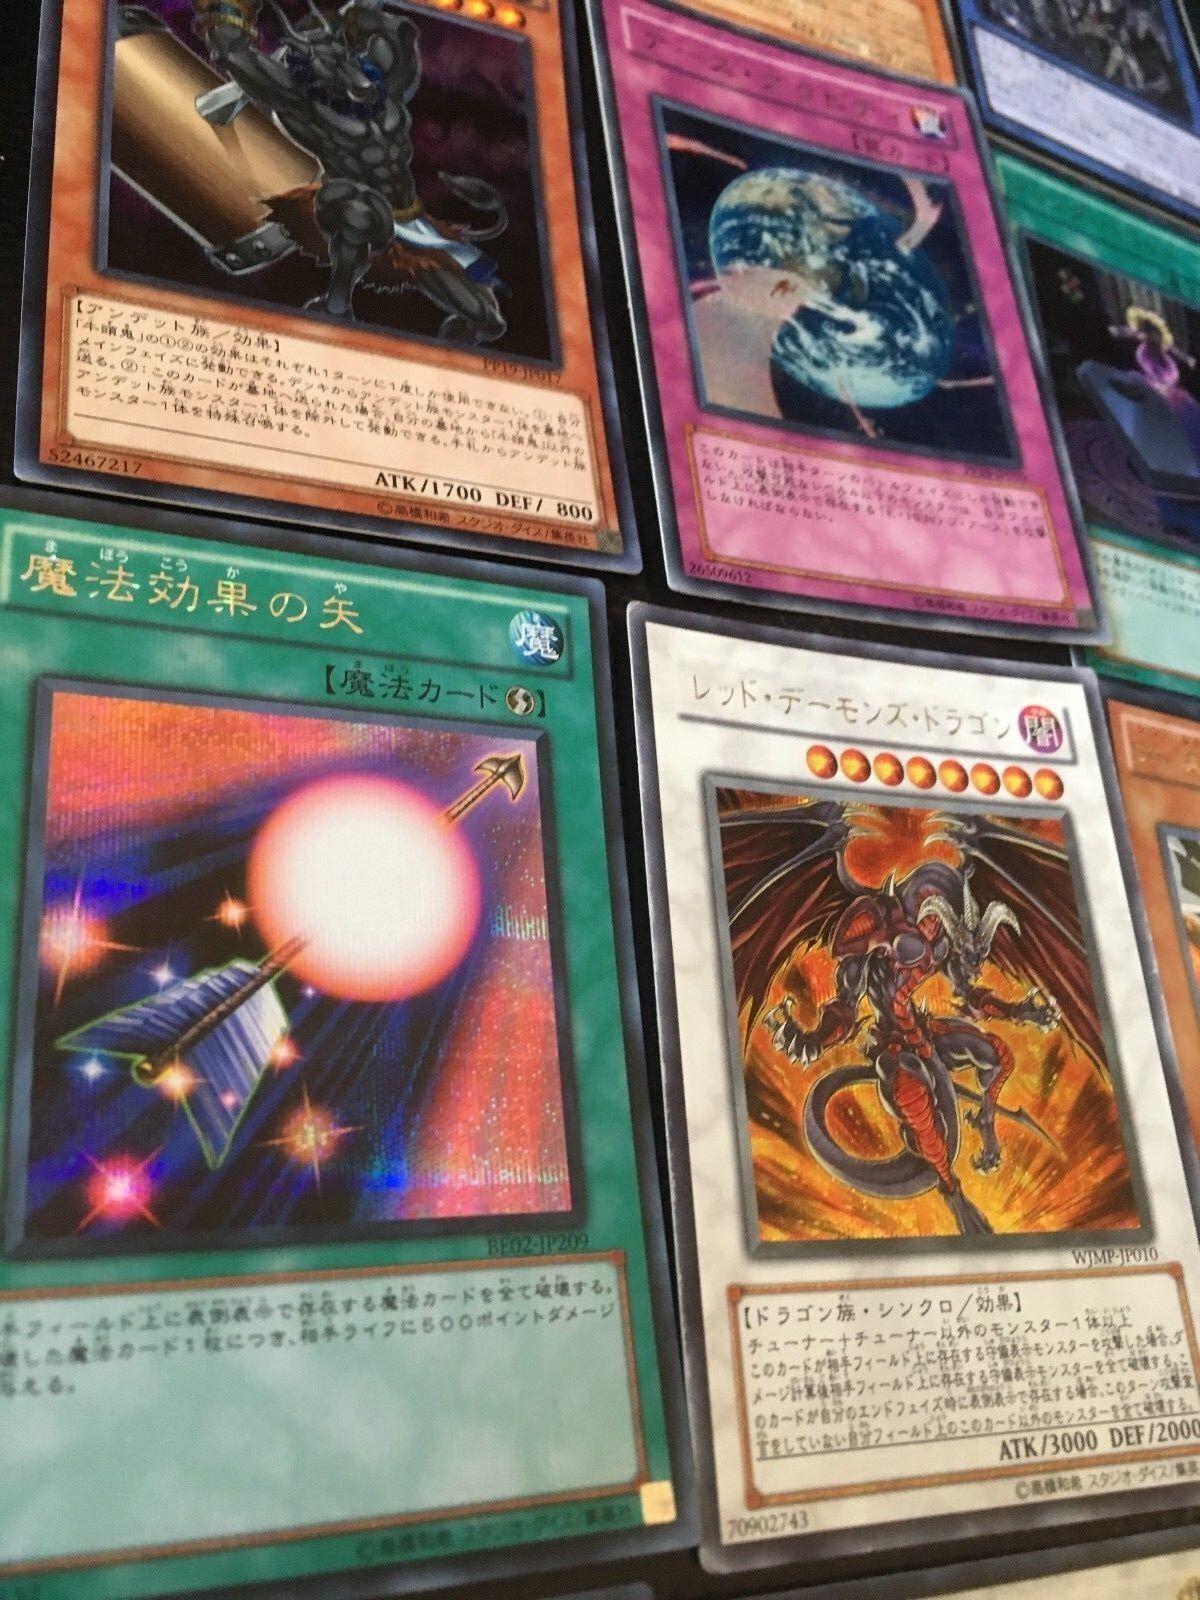 Yu-Gi-Oh Yu-Gi-Oh Yu-Gi-Oh Japanese Rare card set Ultimate